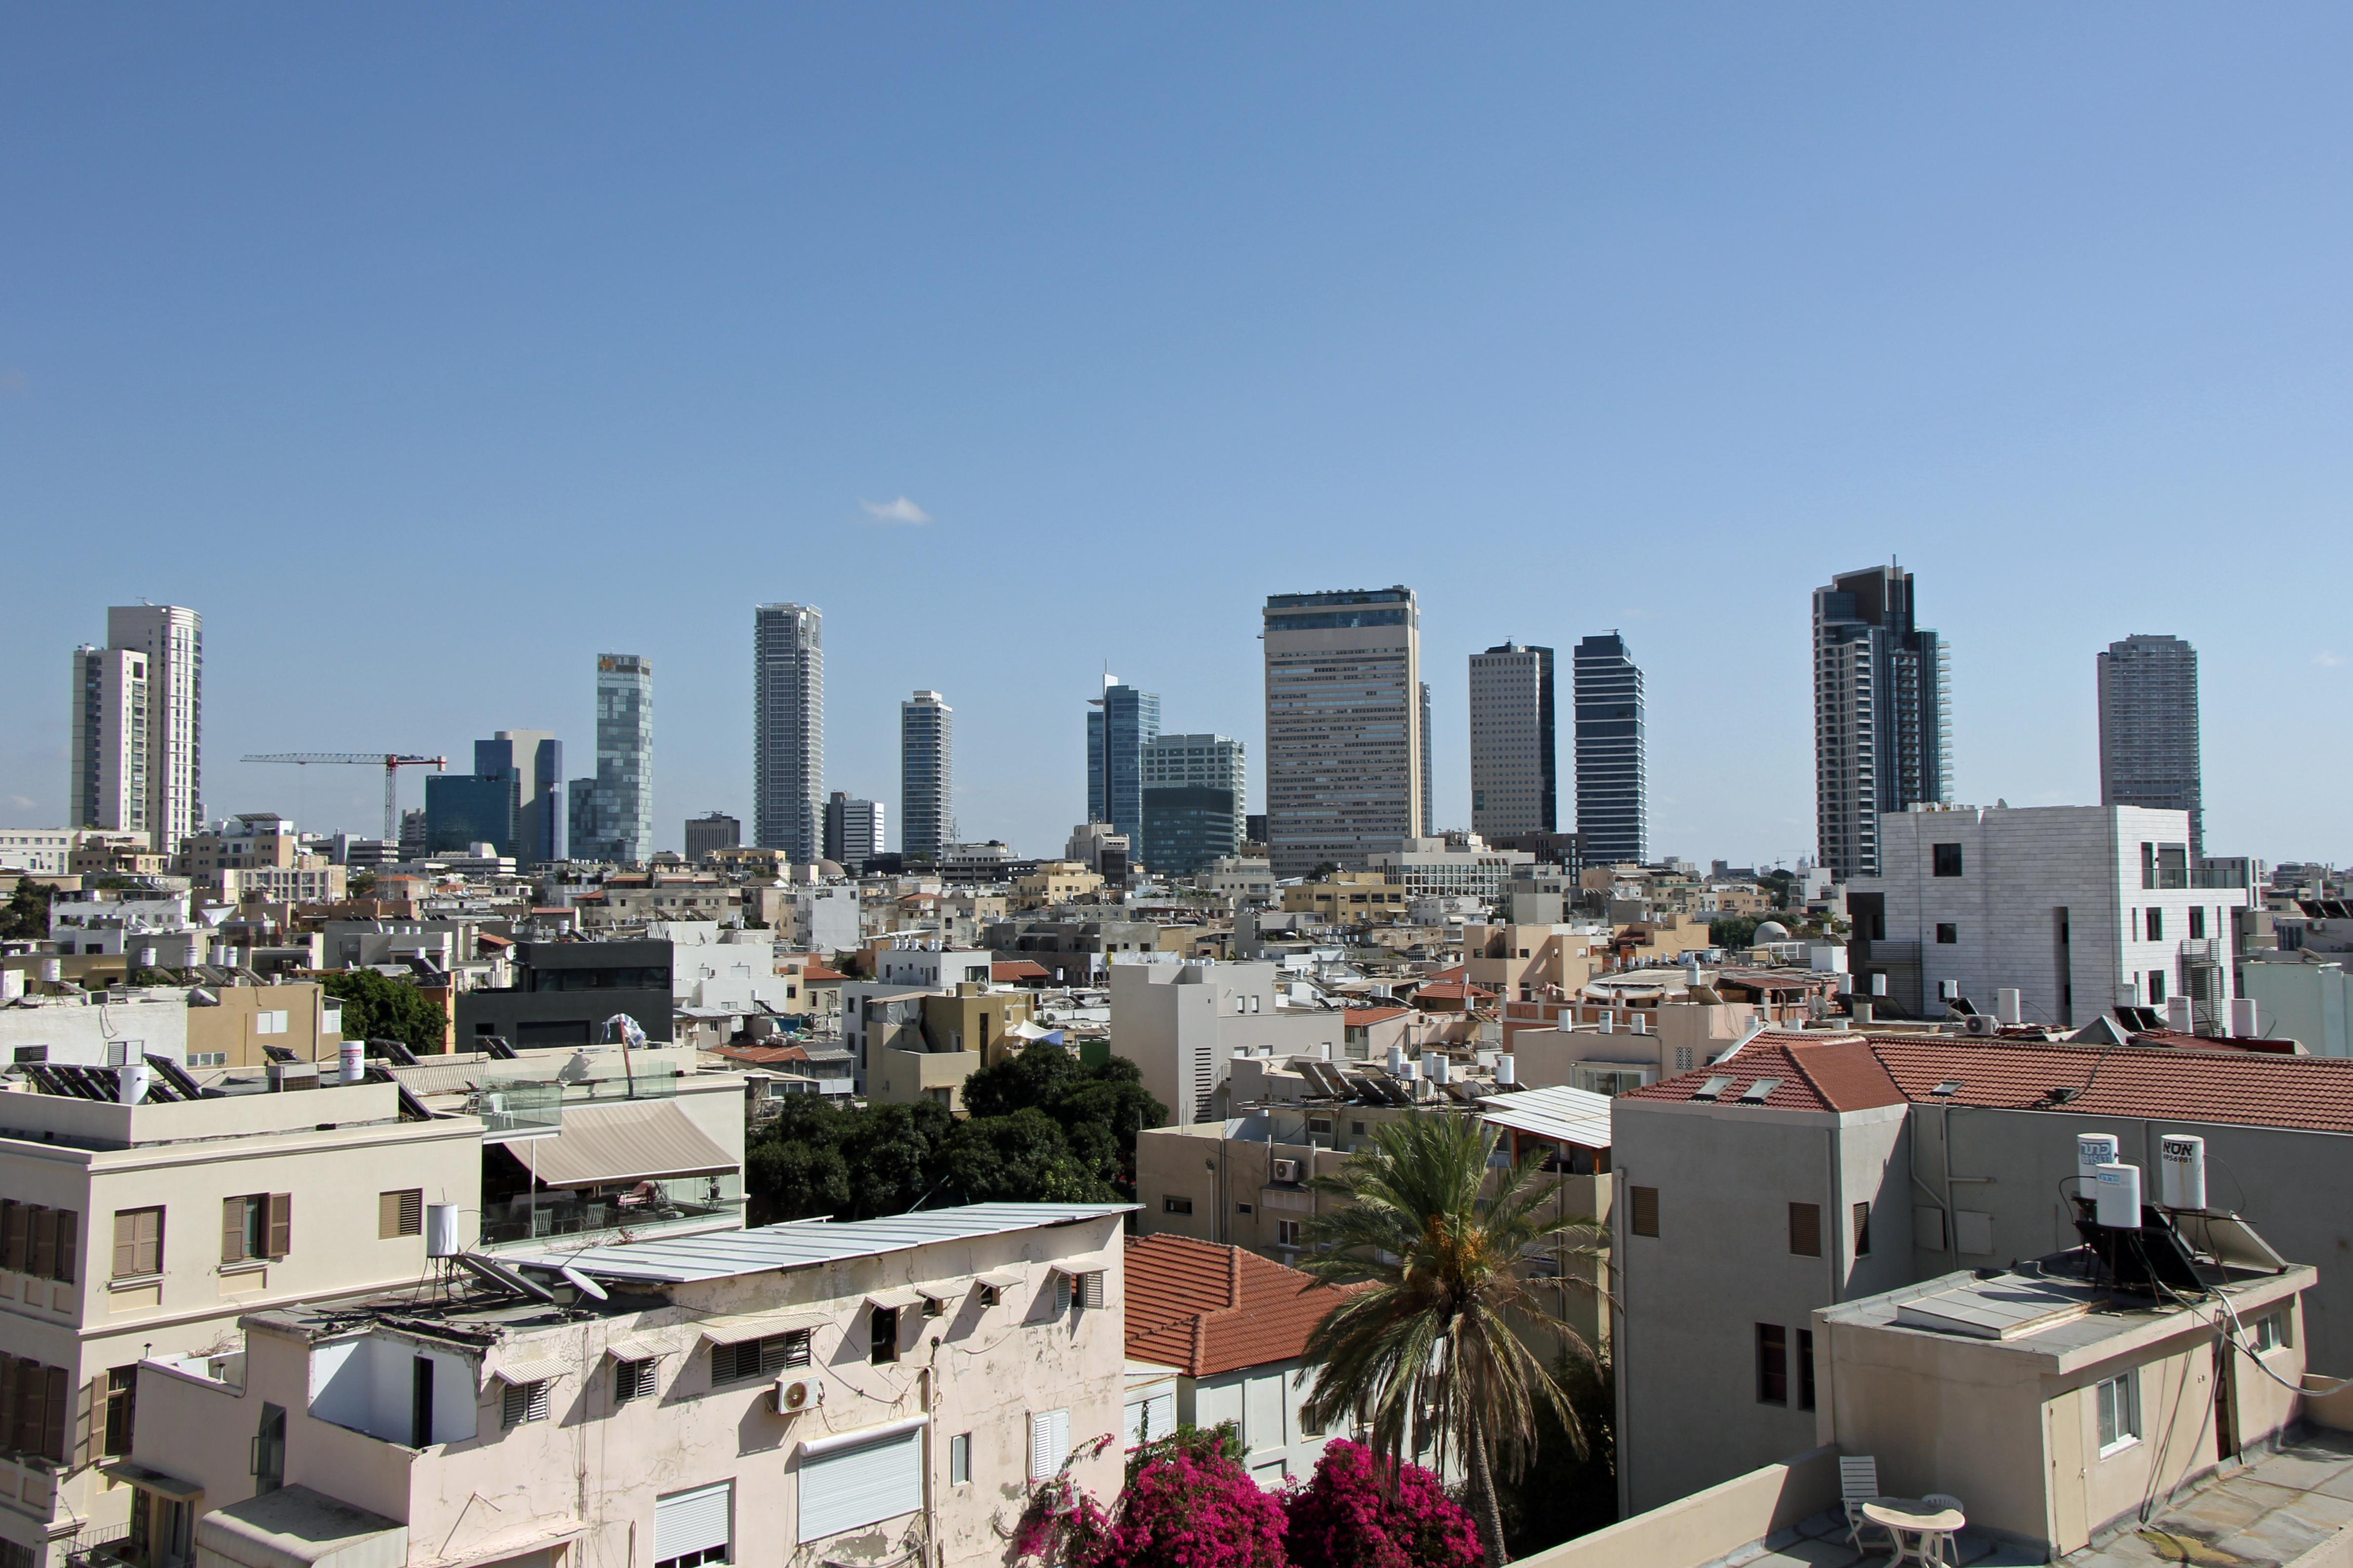 Veja o que saiu no Migalhas sobre Tel Aviv